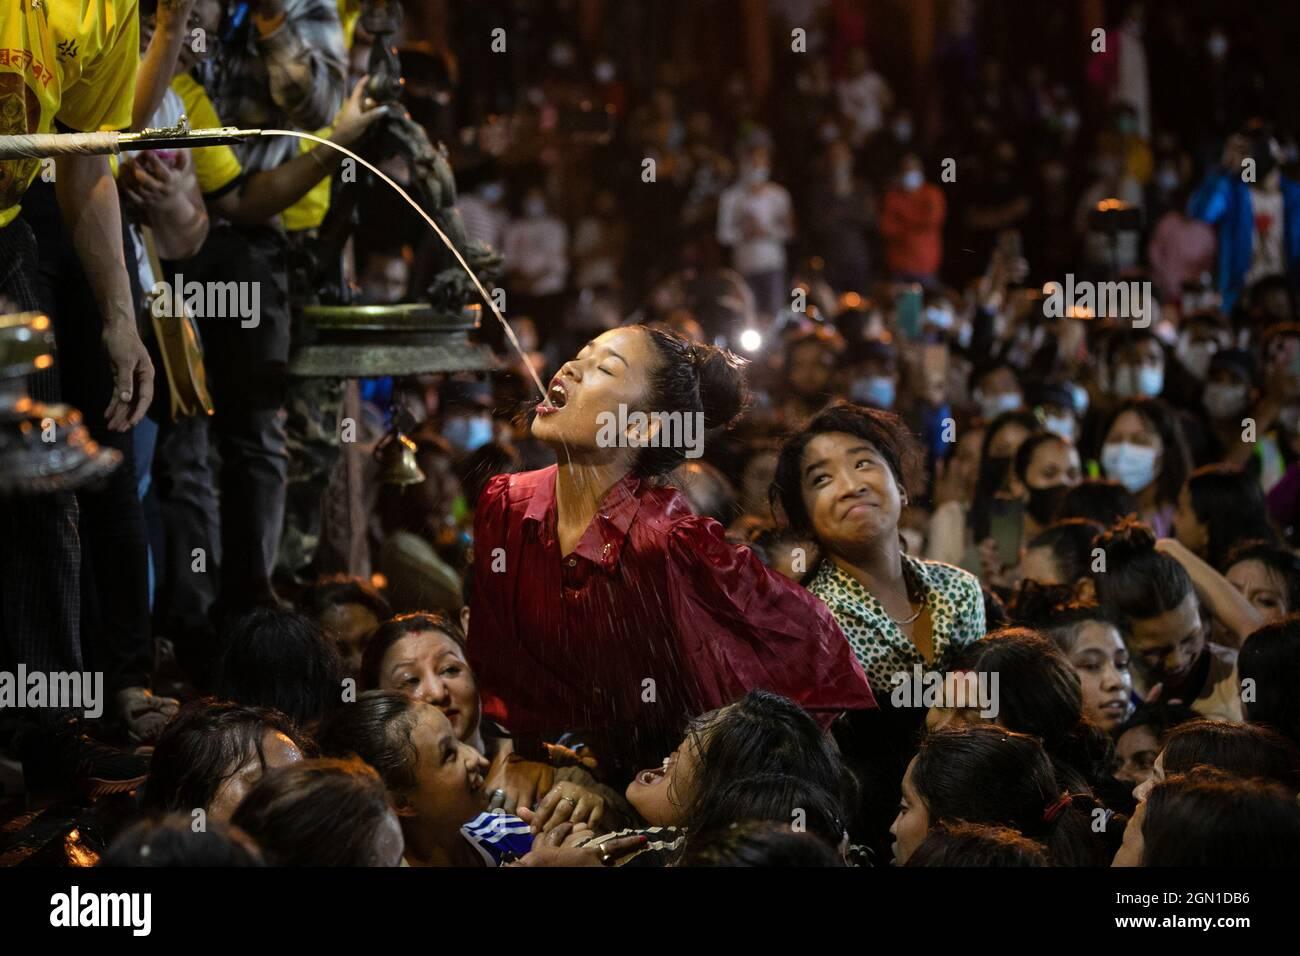 Kathmandu, Nepal. September 2021. Nepalesische Frauen kämpfen während des Indra Jatra-Festivals darum, selbstgemachten Alkohol aus dem Mund der Gottheit Swet Bhairav zu trinken.das jährliche Festival, benannt nach Indra, dem gott des Regens und Himmels, wird gefeiert, indem sie im Kathmandu-Tal anbeten, sich freuen, singen, tanzen und feiern, um das Ende der Monsunsaison zu markieren. Indra, die lebende Göttin Kumari und andere Gottheiten werden während des Festes verehrt. Kredit: SOPA Images Limited/Alamy Live Nachrichten Stockfoto